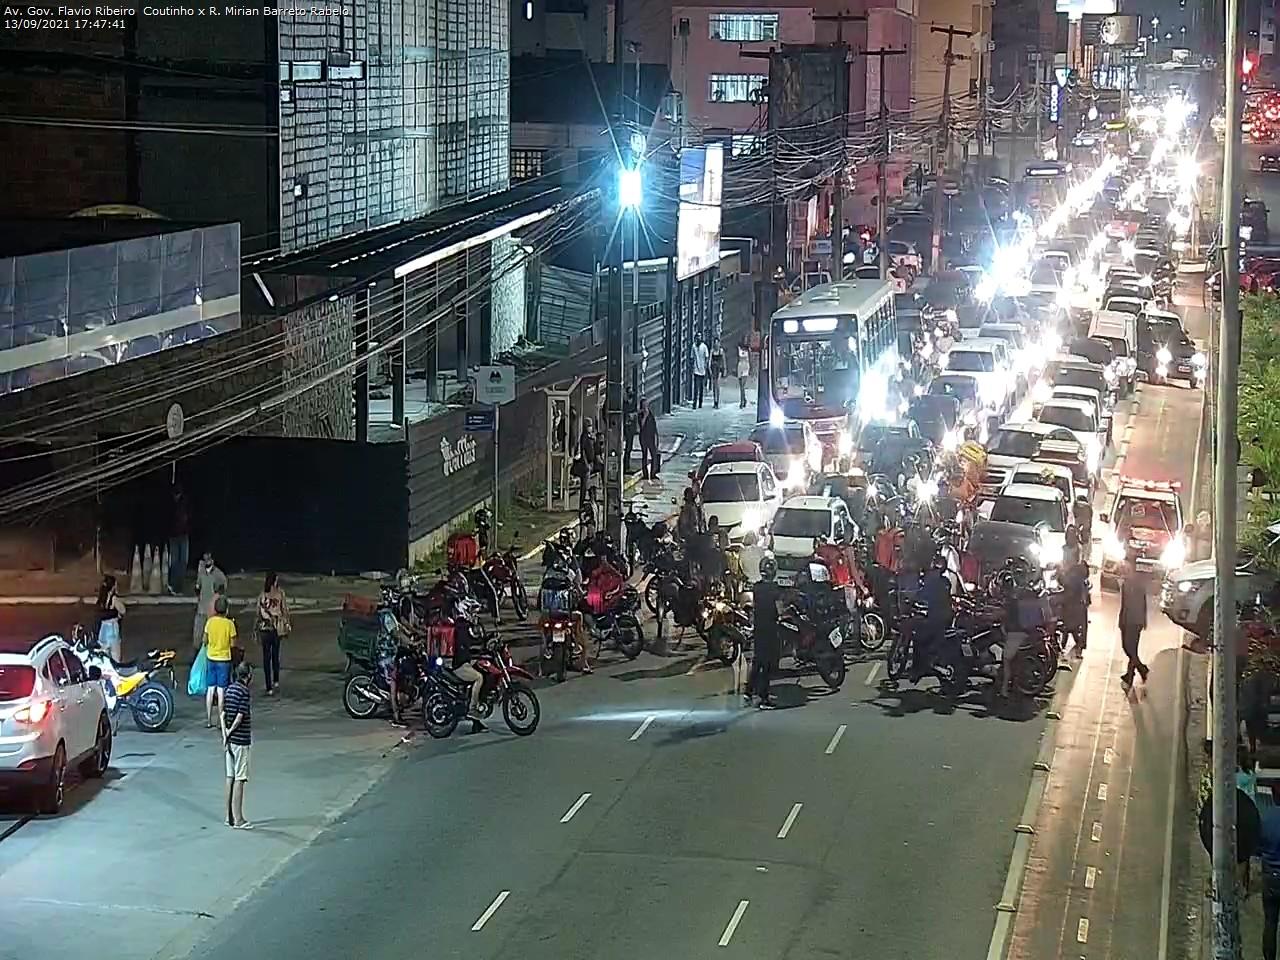 WhatsApp Image 2021 09 13 at 17.49.56 - PEDEM JUSTIÇA: motoboys realizam protesto no retão de Manaíra, em João Pessoa, contra morte de motociclista; VEJA VÍDEO